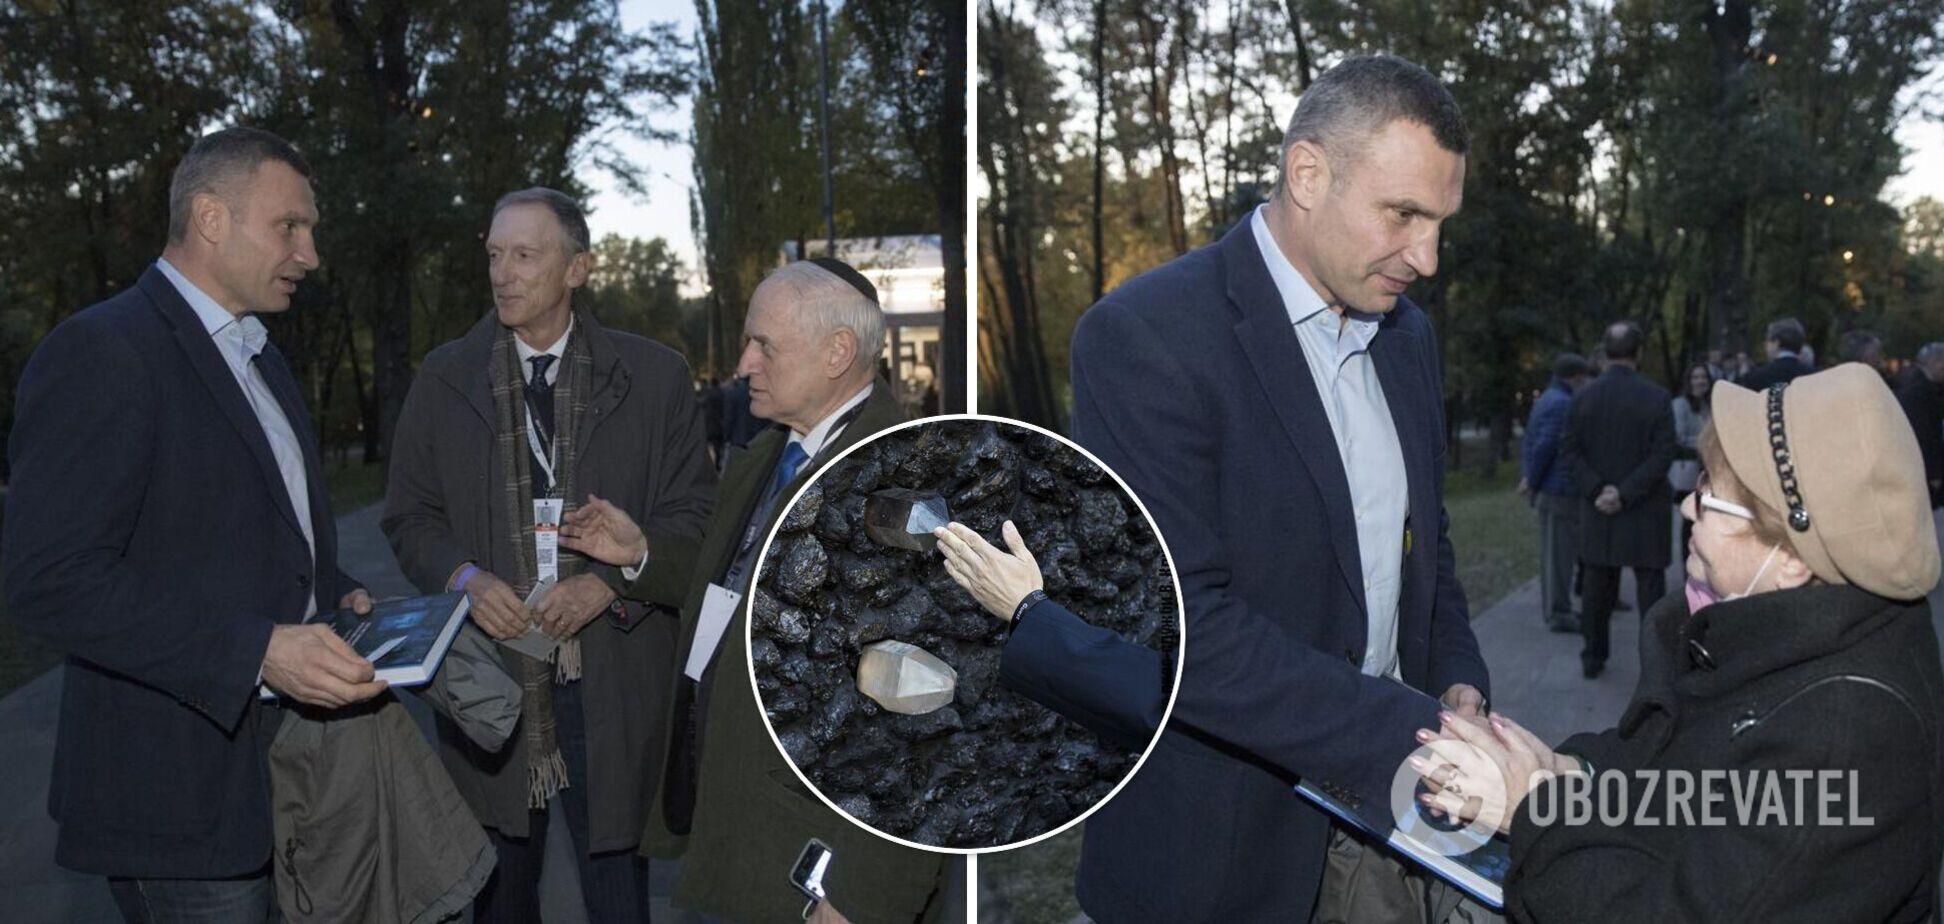 Кличко принял участие в открытии 'Кристаллической стены плача' в Бабьем Яру